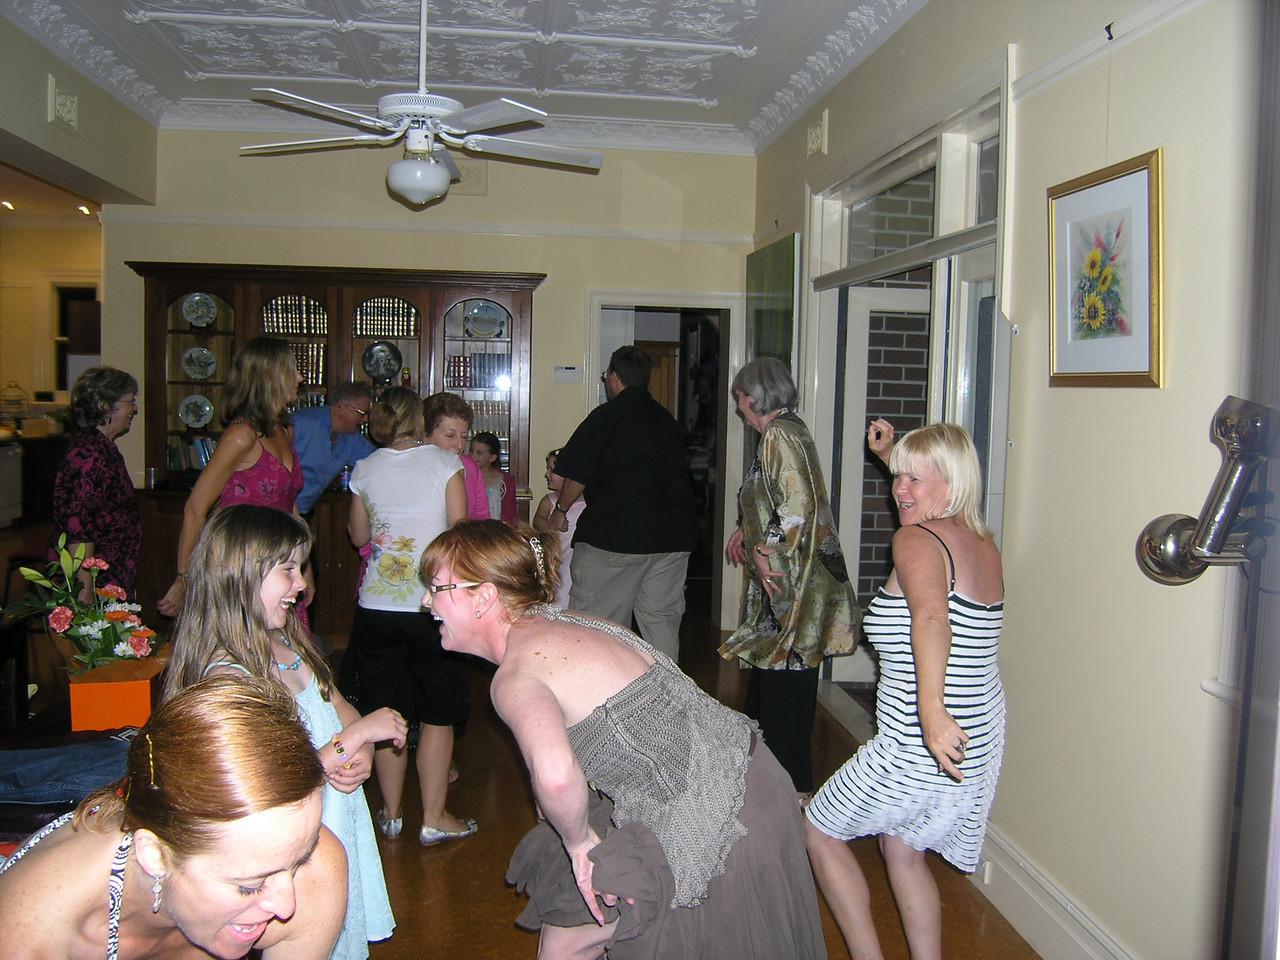 The dancefloor hots up